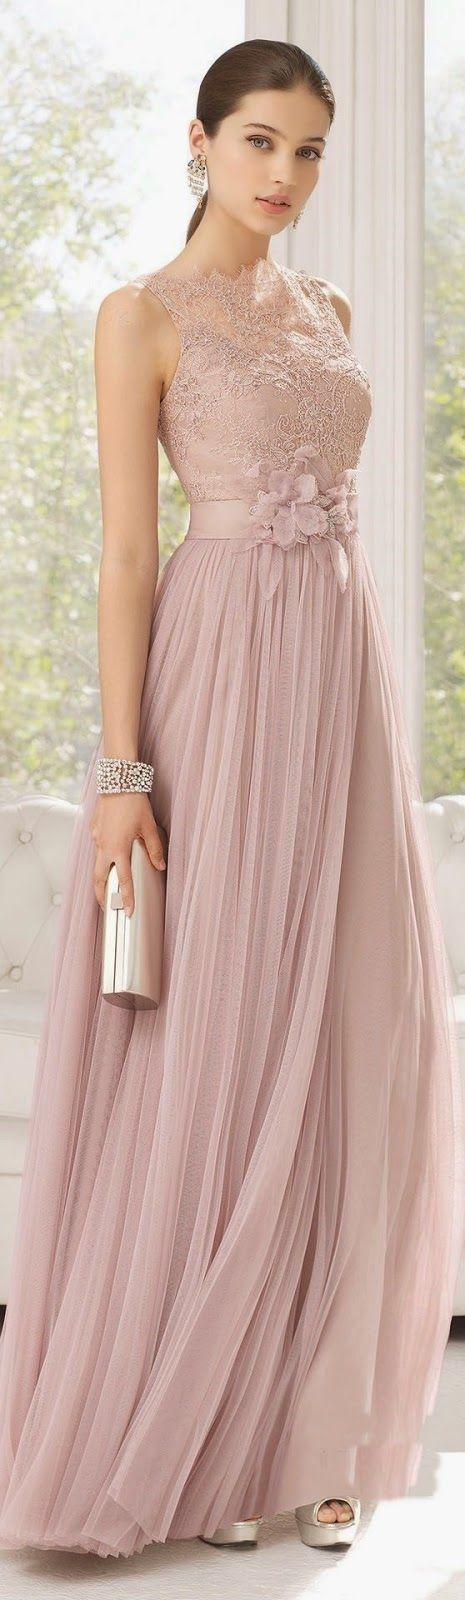 Vestido de madrinha rosa para casamento | Vestiditos, Boda y ...